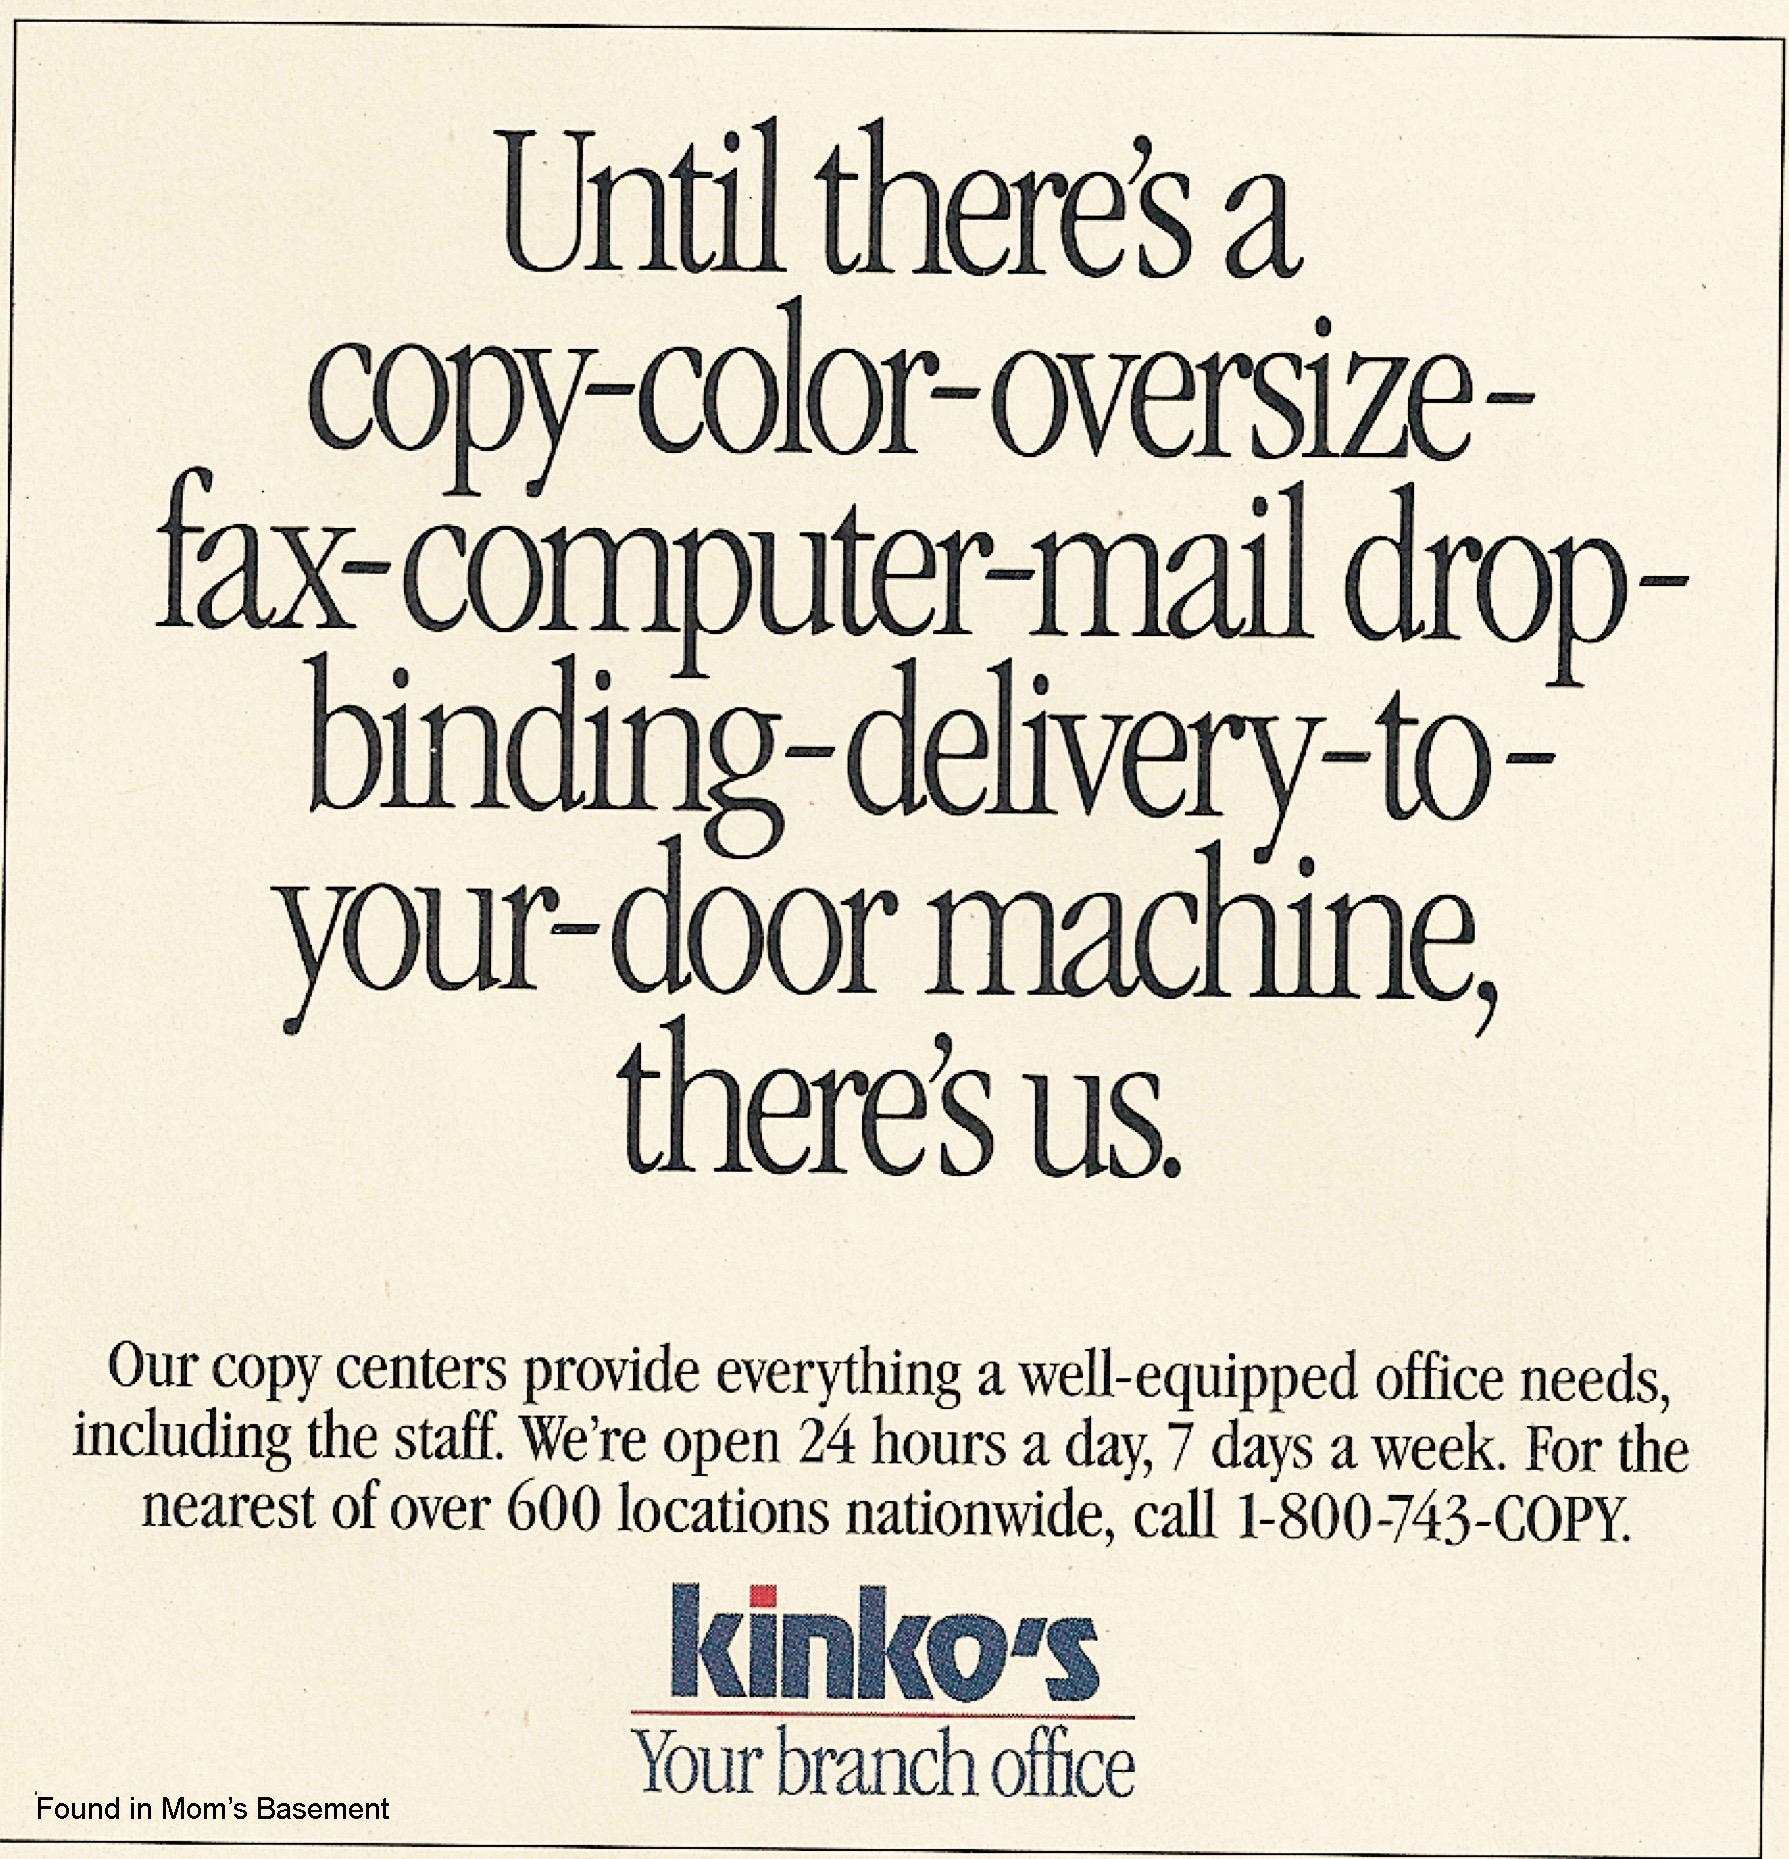 kinko s ads 1992